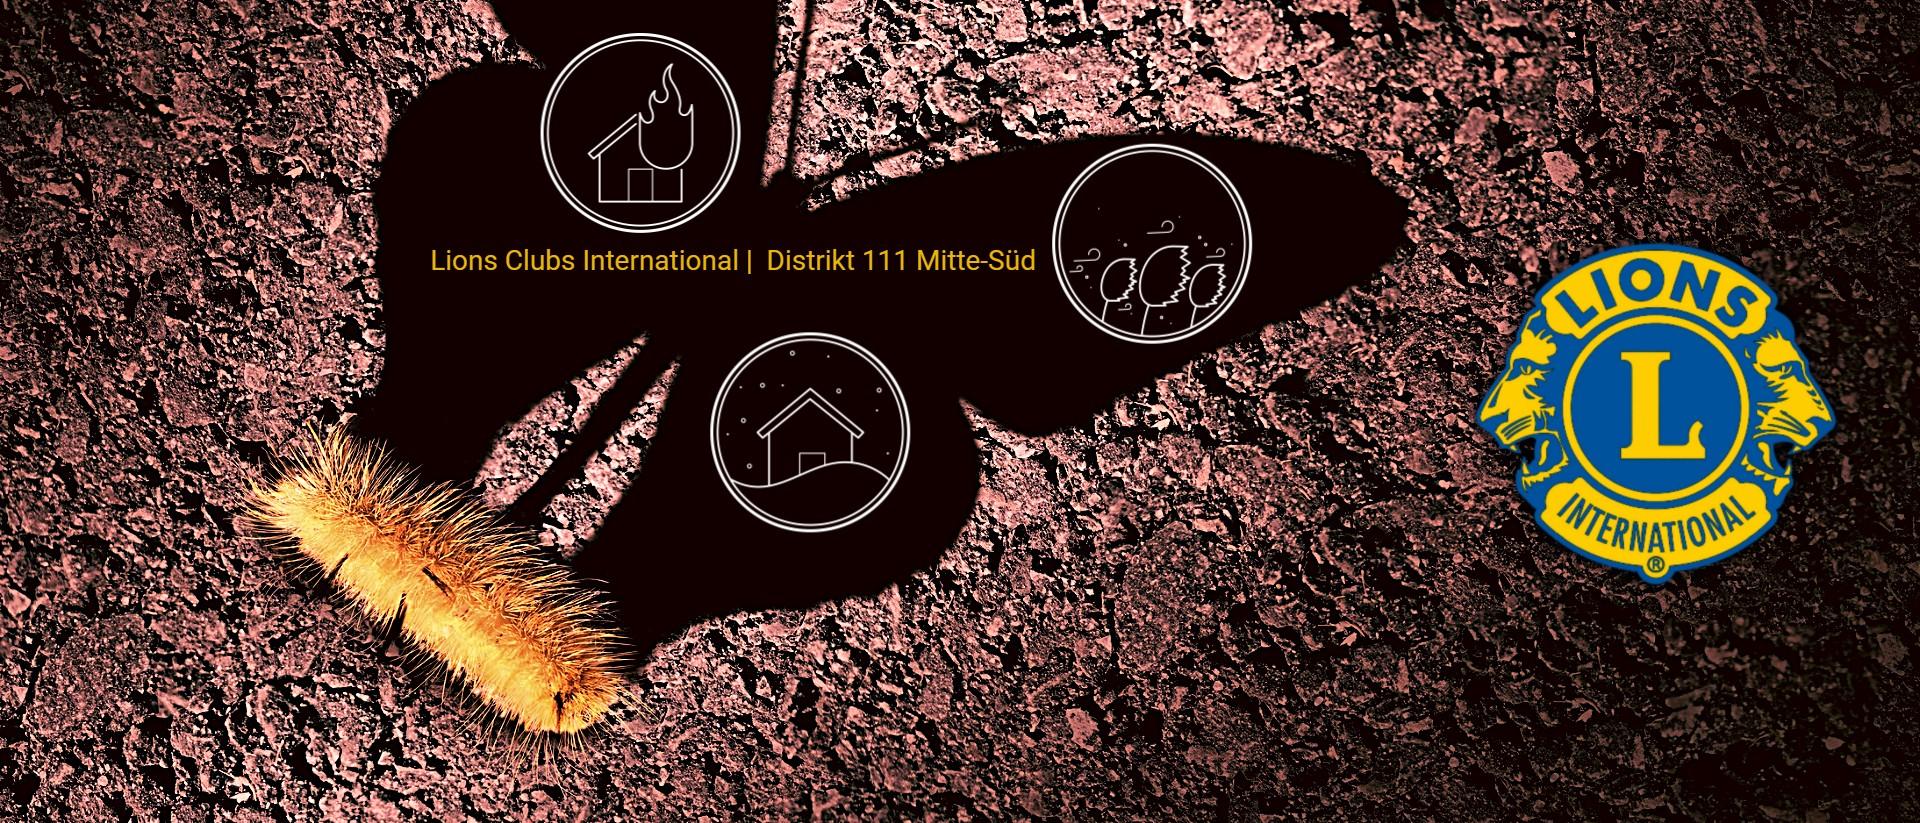 Schmetterlingslarve wirft einen Schmetterlingsschatten, Katastrophensymbole, Lions Logo